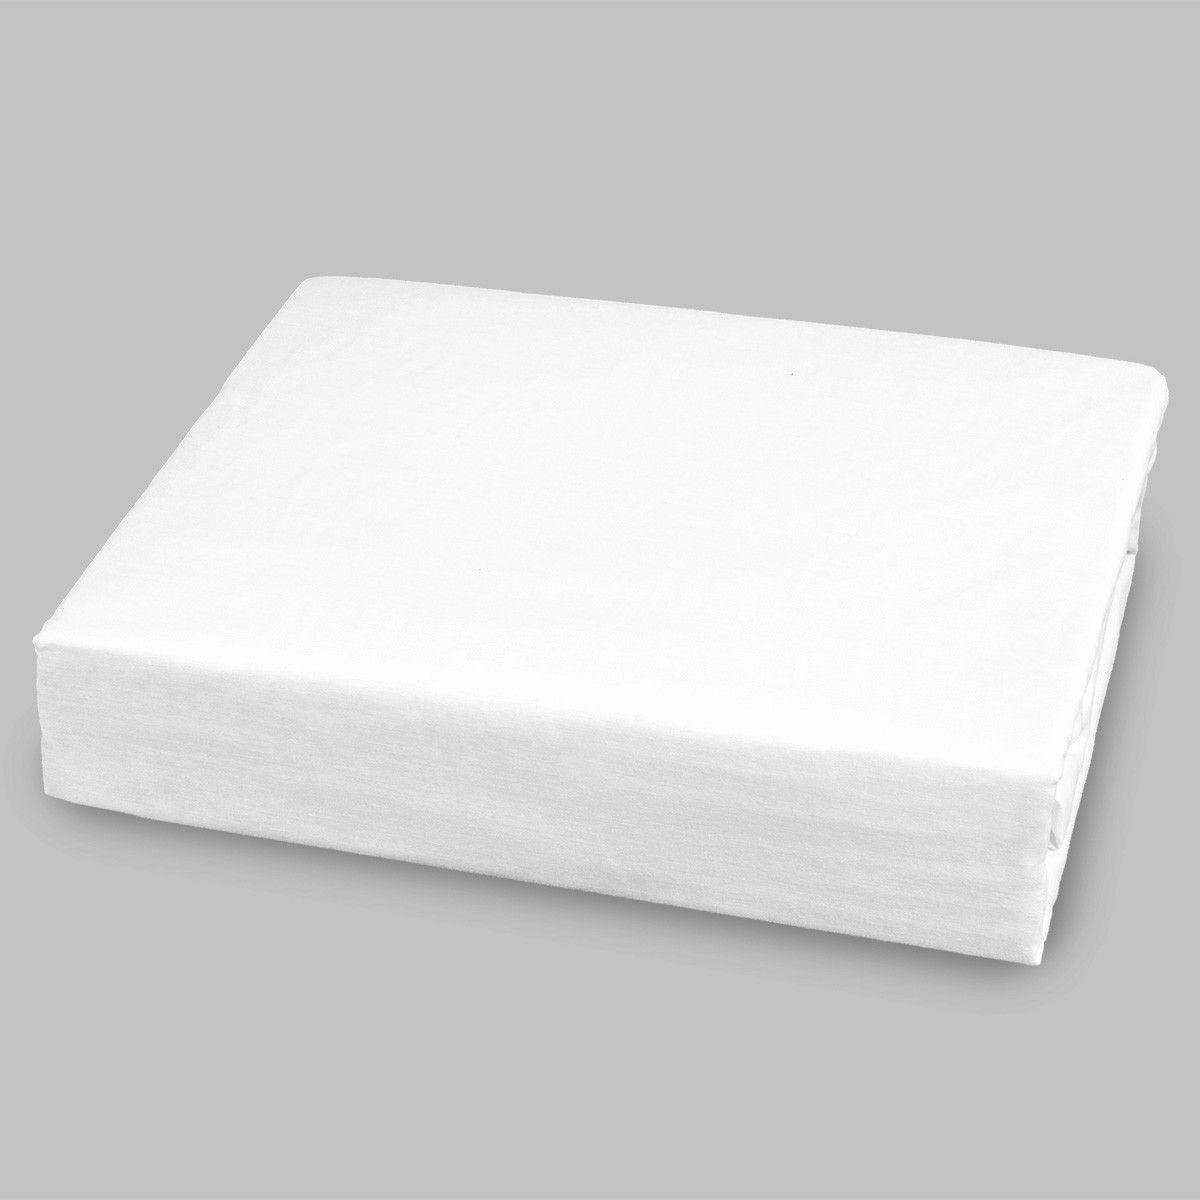 Lençol Avulso Casal Padrão 180 Fios Com Elástico - Branco